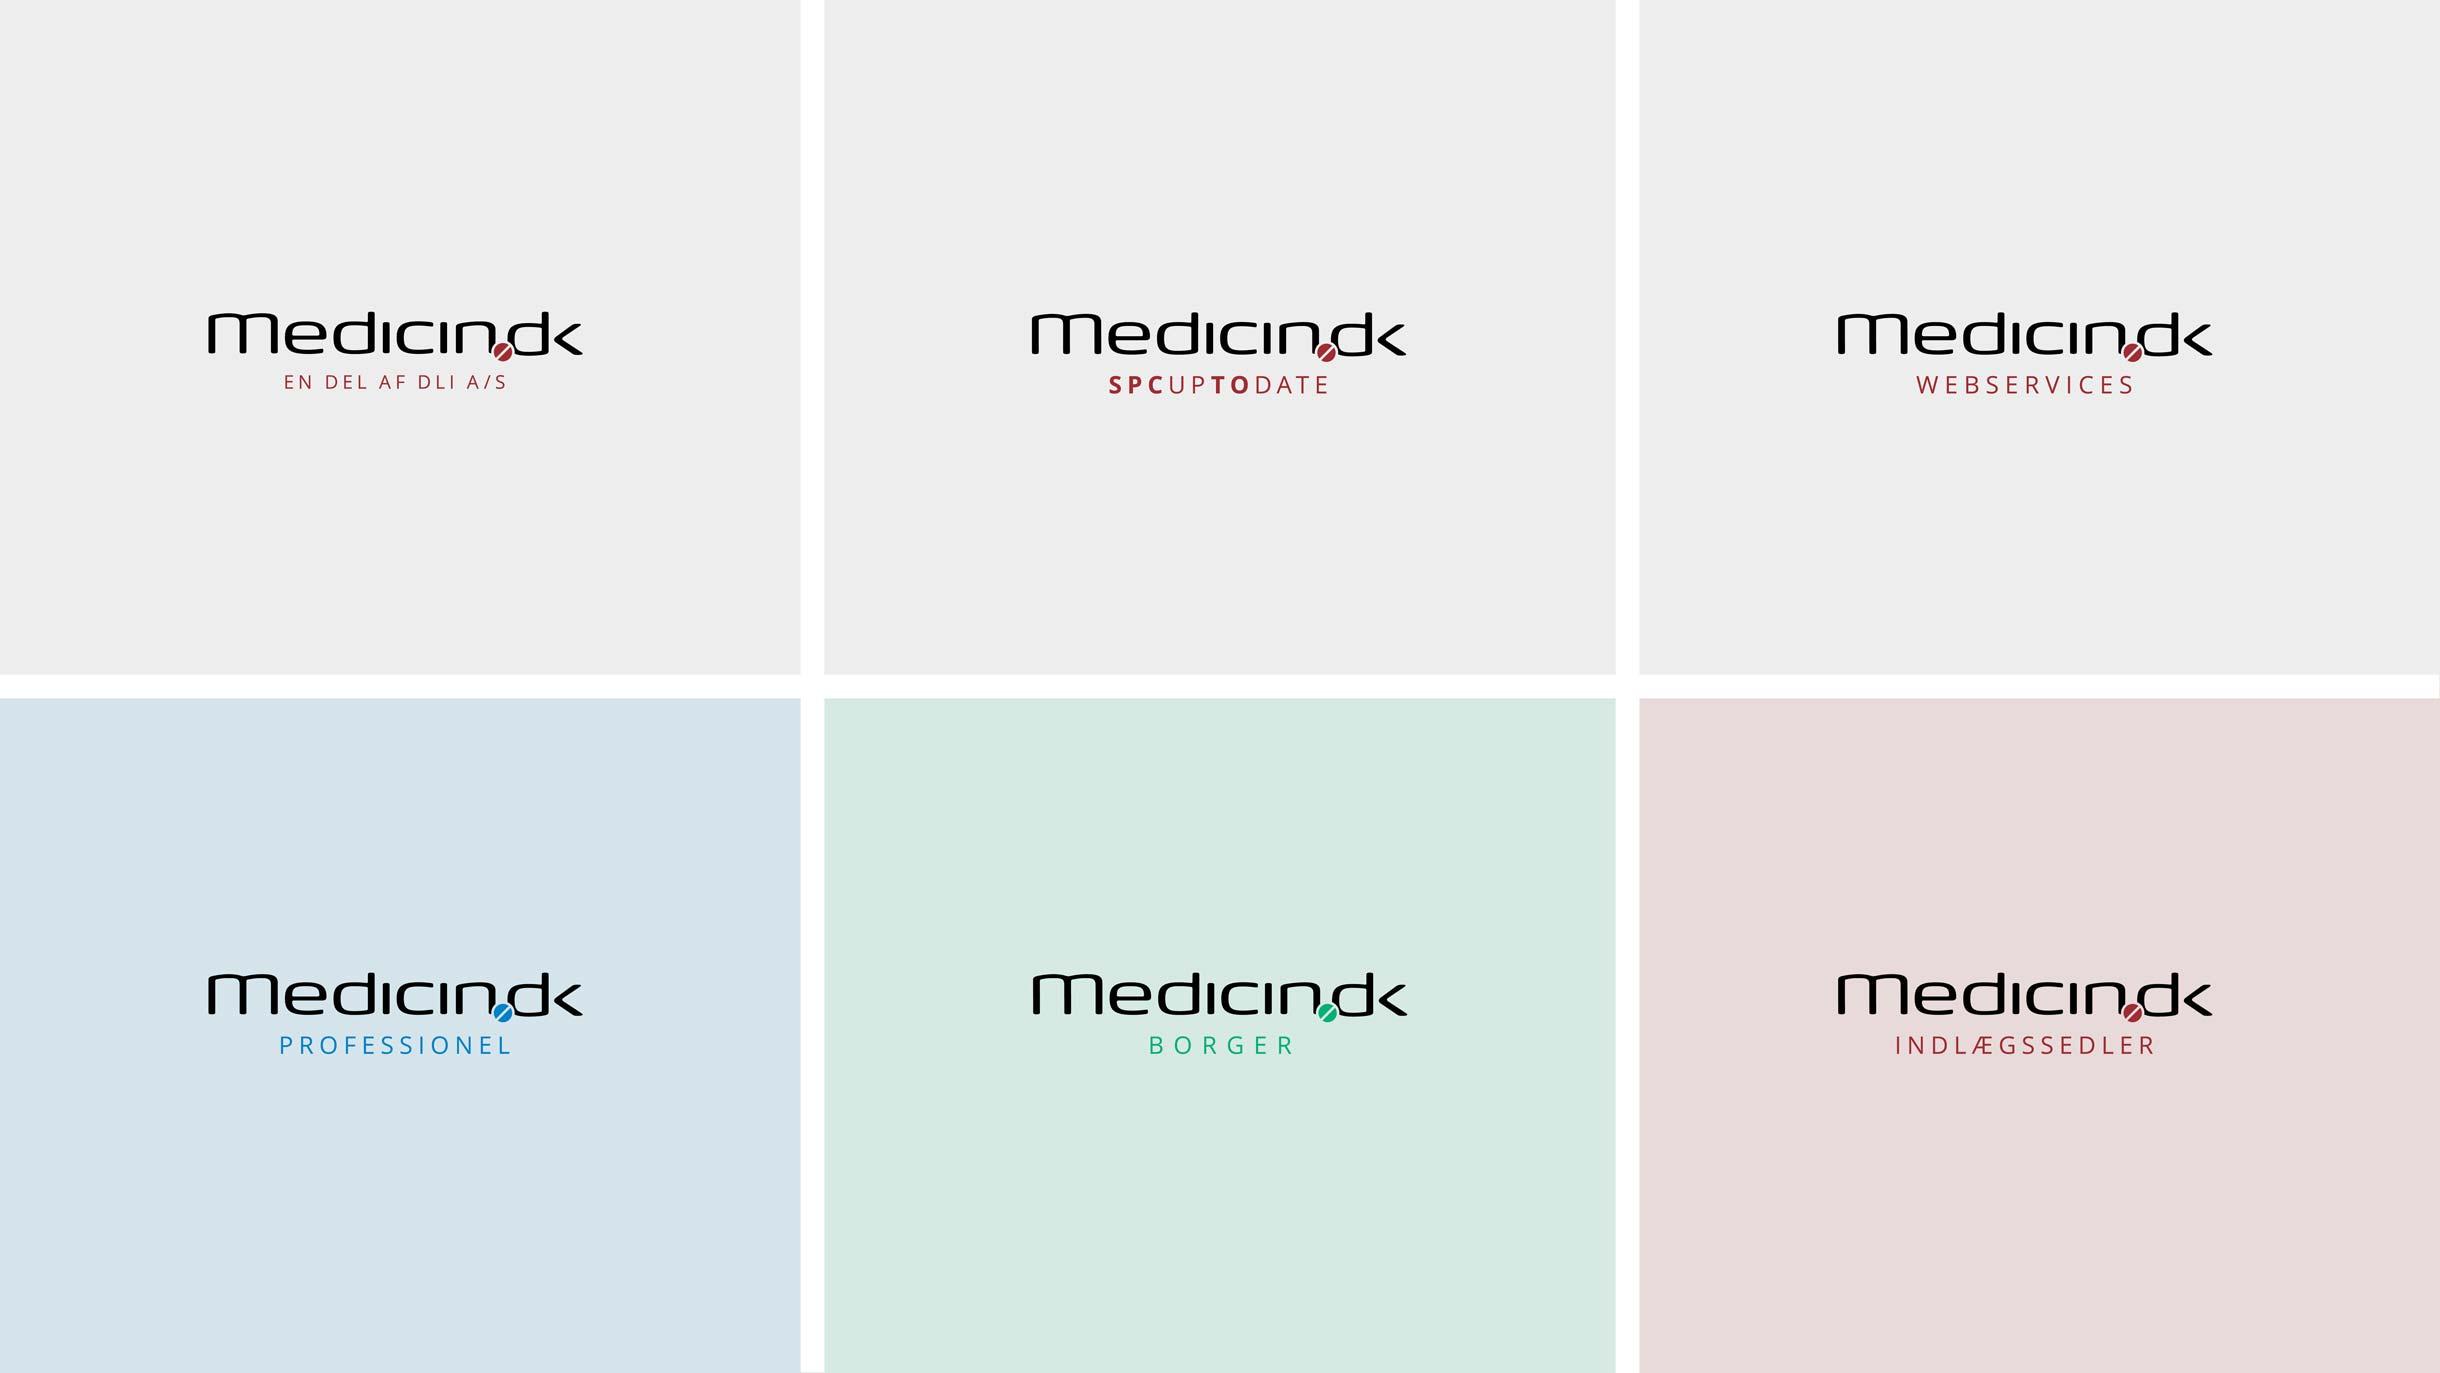 medicin.dk_ID2